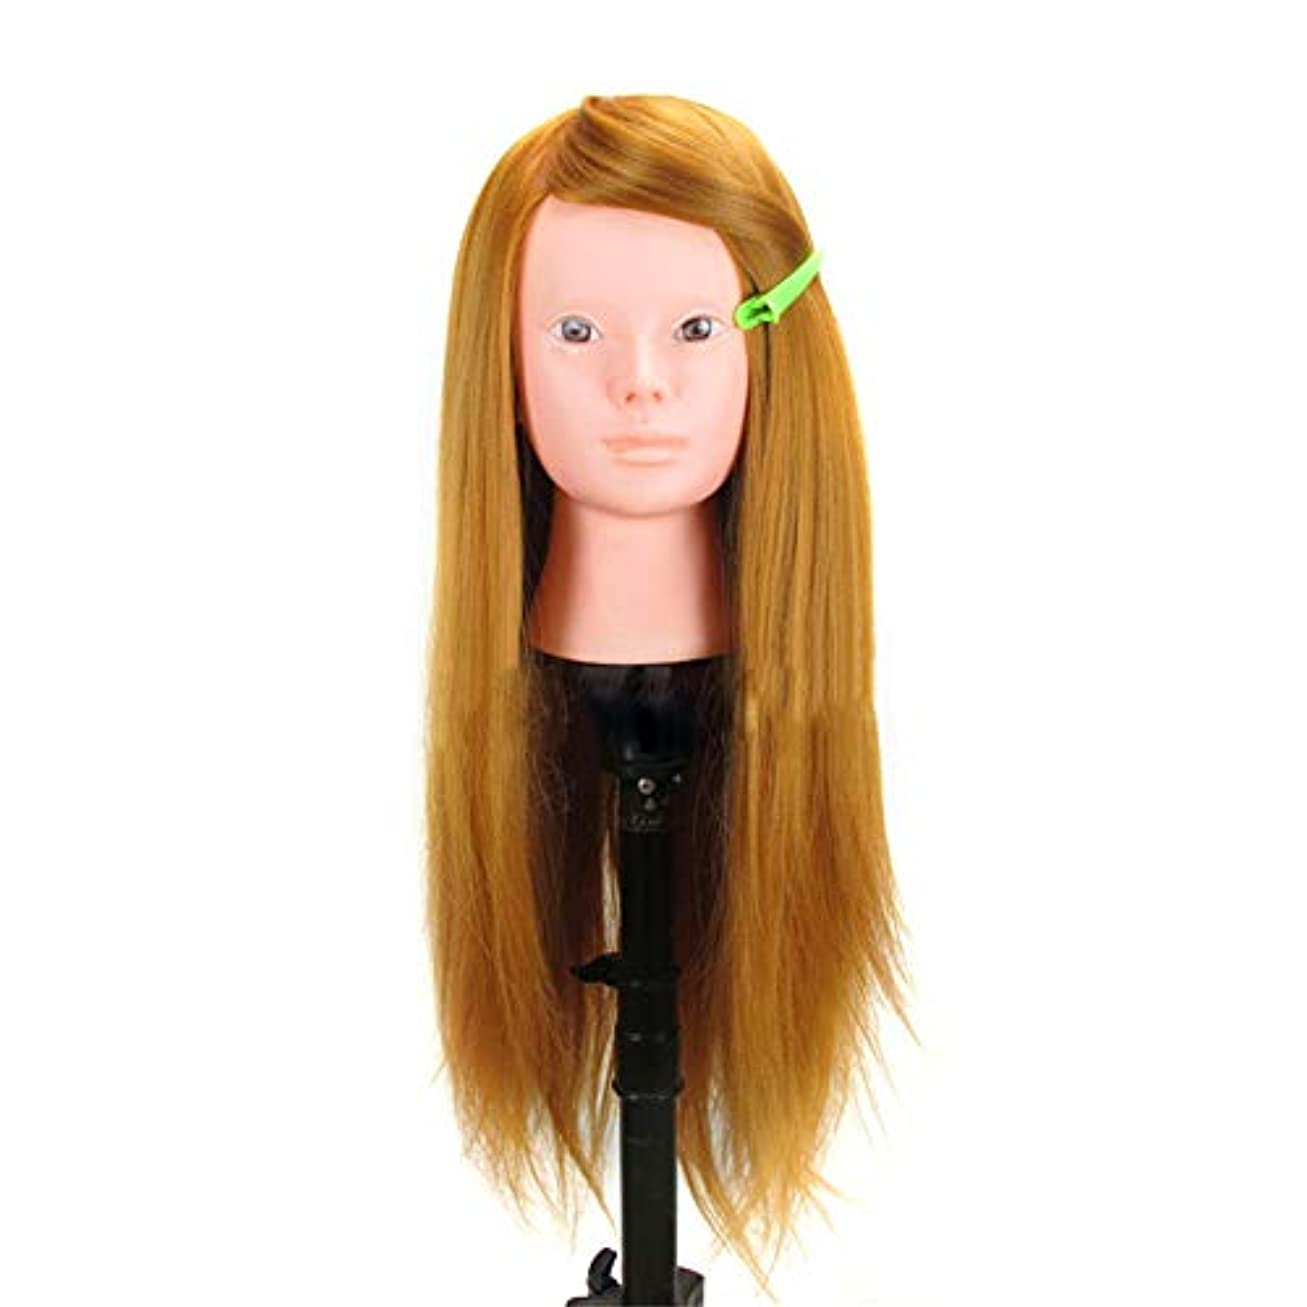 インシュレータ悪性の識別高温ワイヤーヘアティーチングヘッドパーマ髪織りヘアモデル髪染め理髪ダミーヘッドモデル